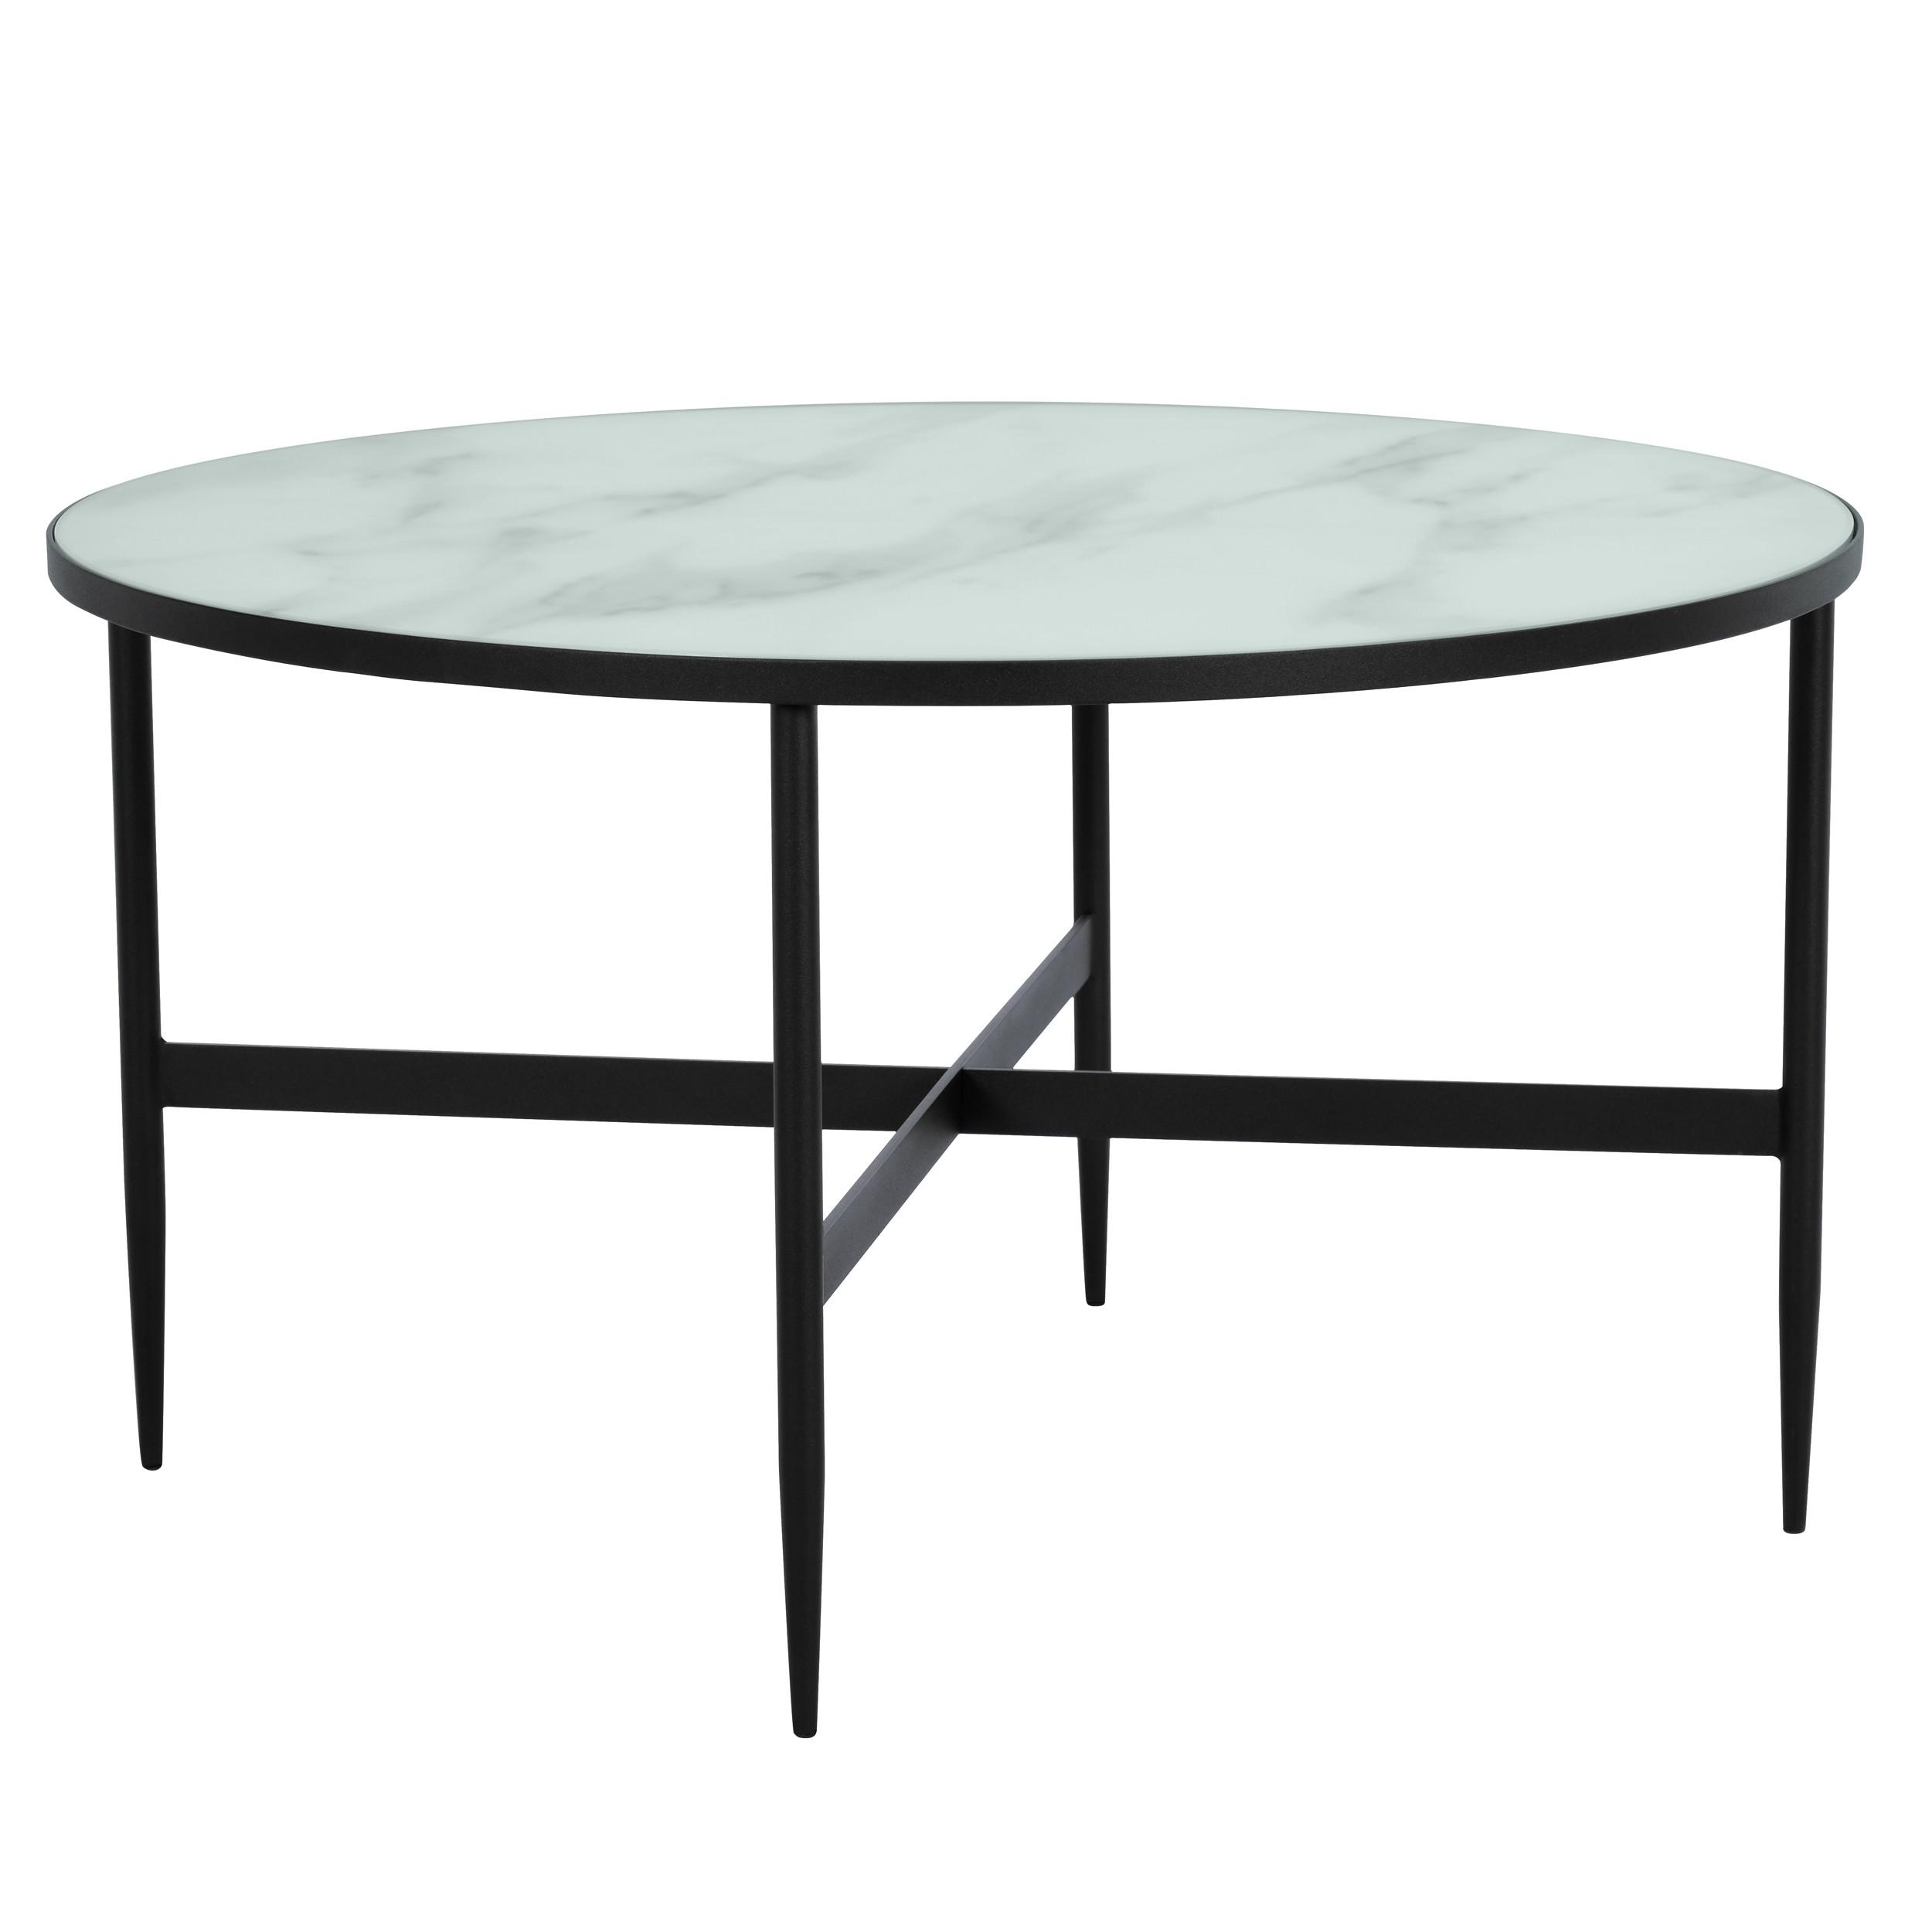 acheter table basse ronde 80 cm noir